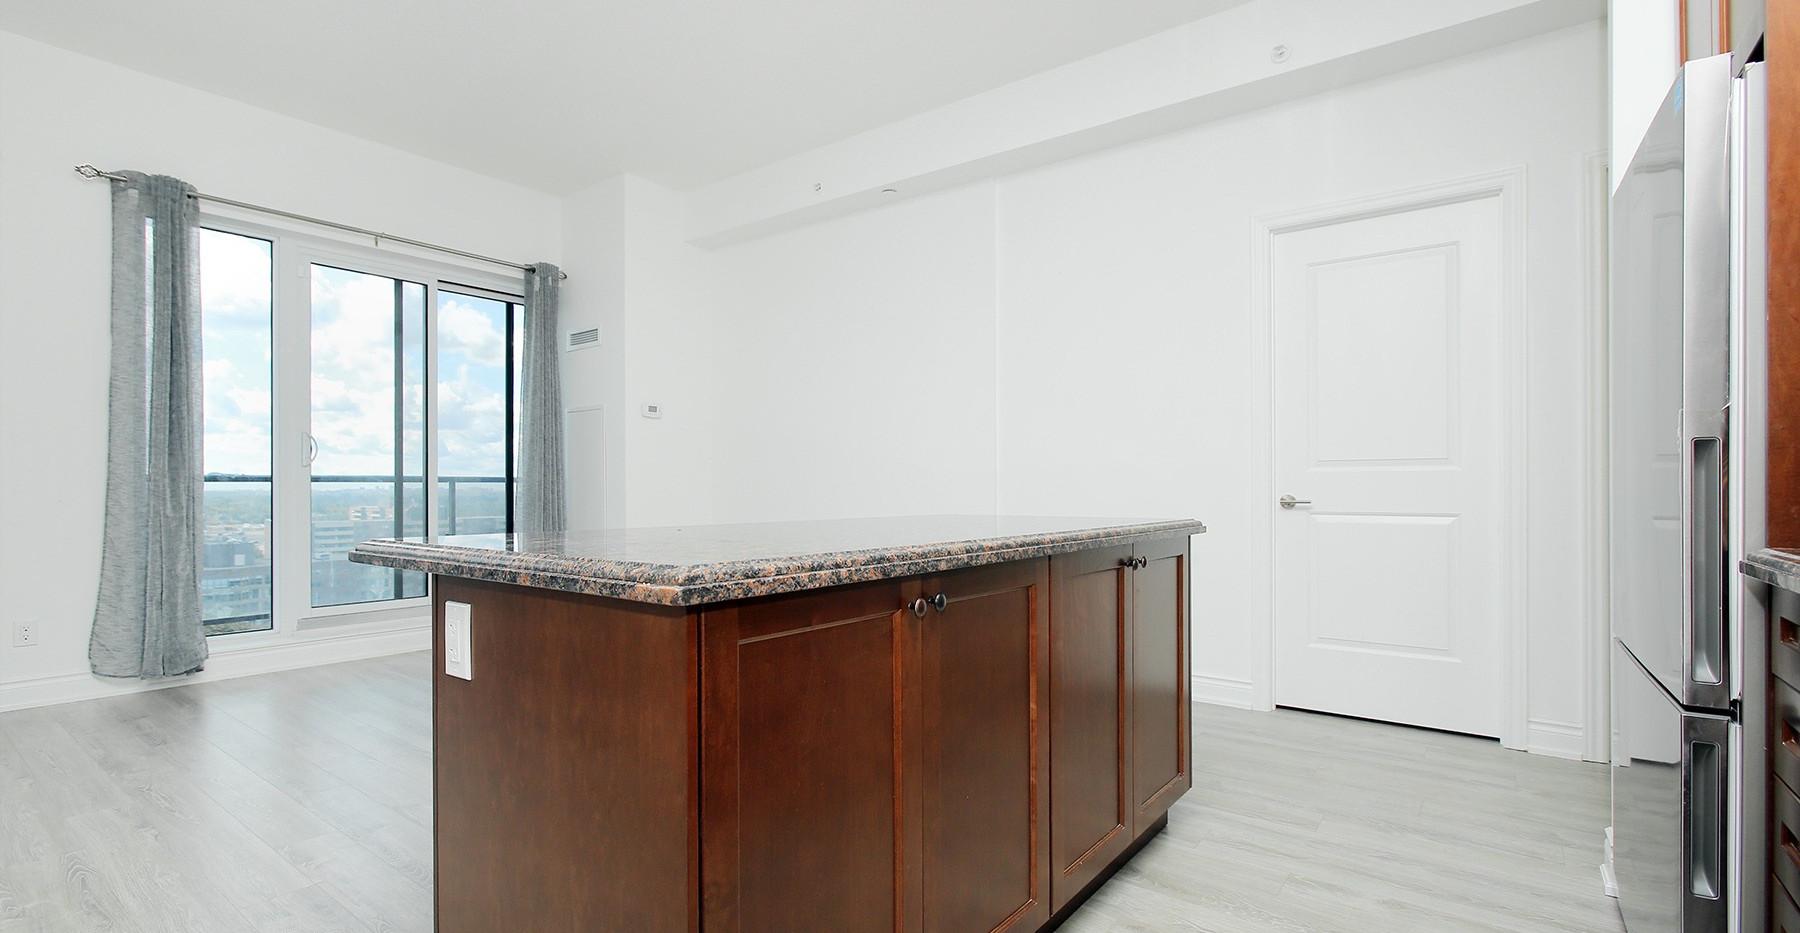 04 Living Room Kitchen.jpg